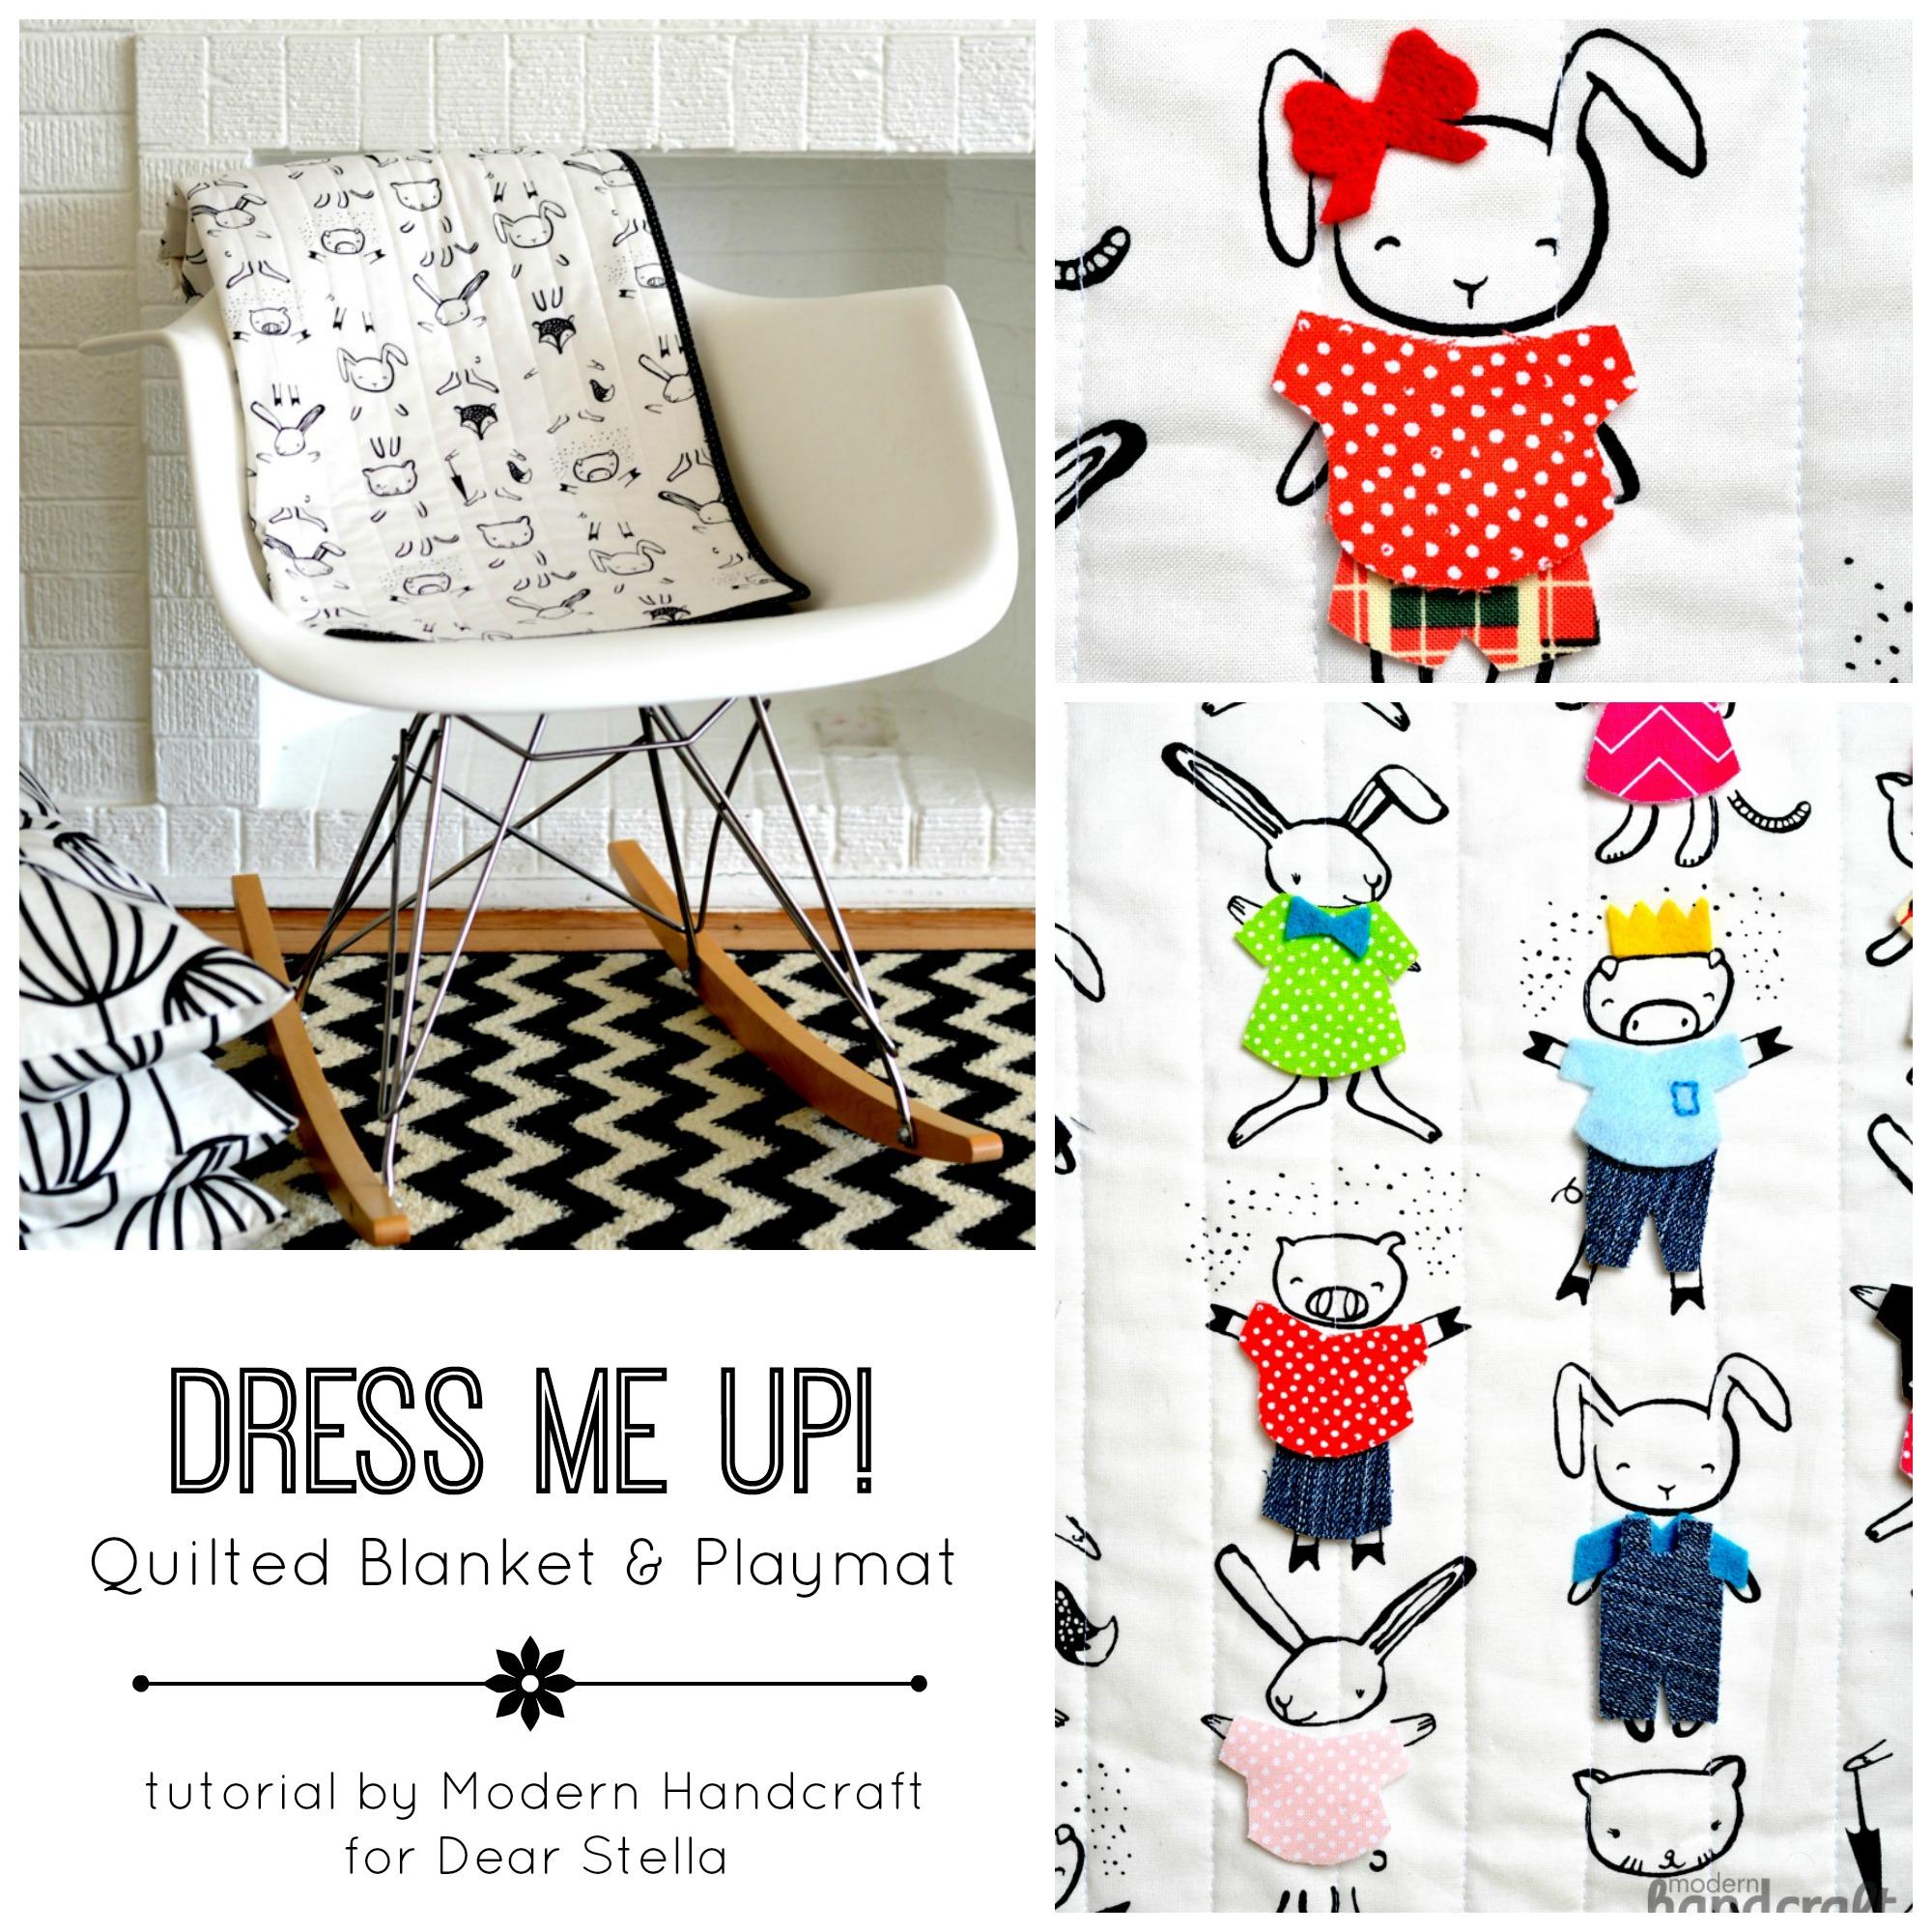 www.modernhandcraft.com // Dress me up! Tutorial for Dear Stella